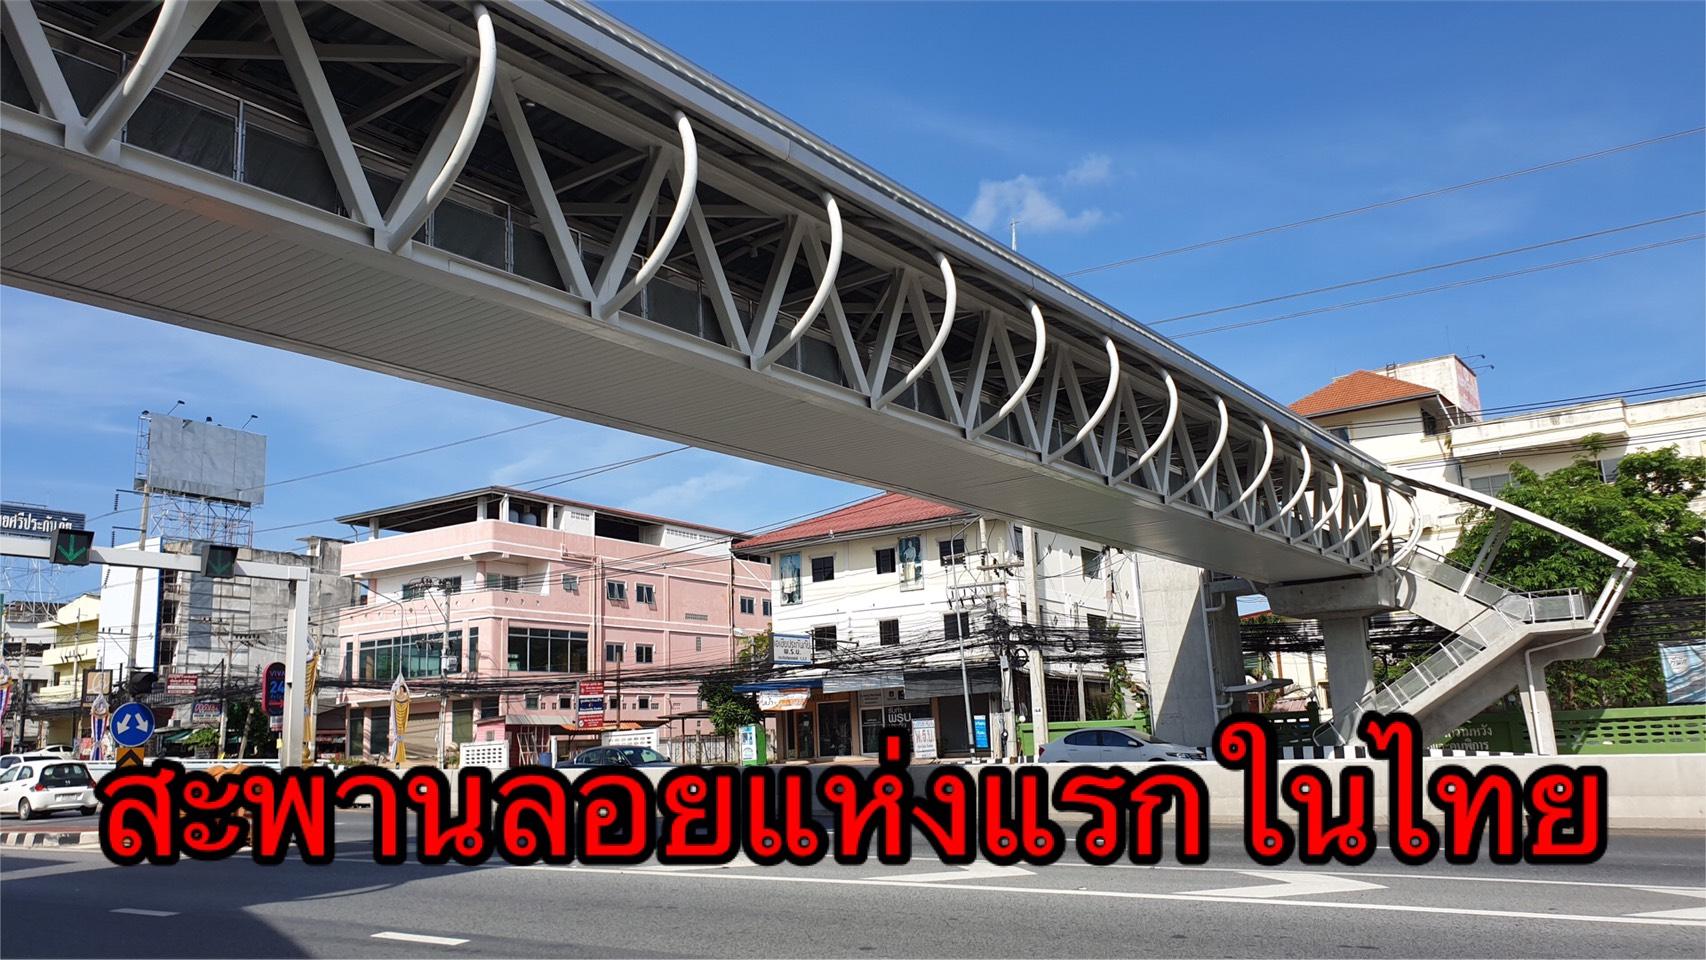 เปิดแล้ว! สะพานลอยมีลิฟท์ข้ามทางลอดพัทยากลางแห่งแรกของไทย